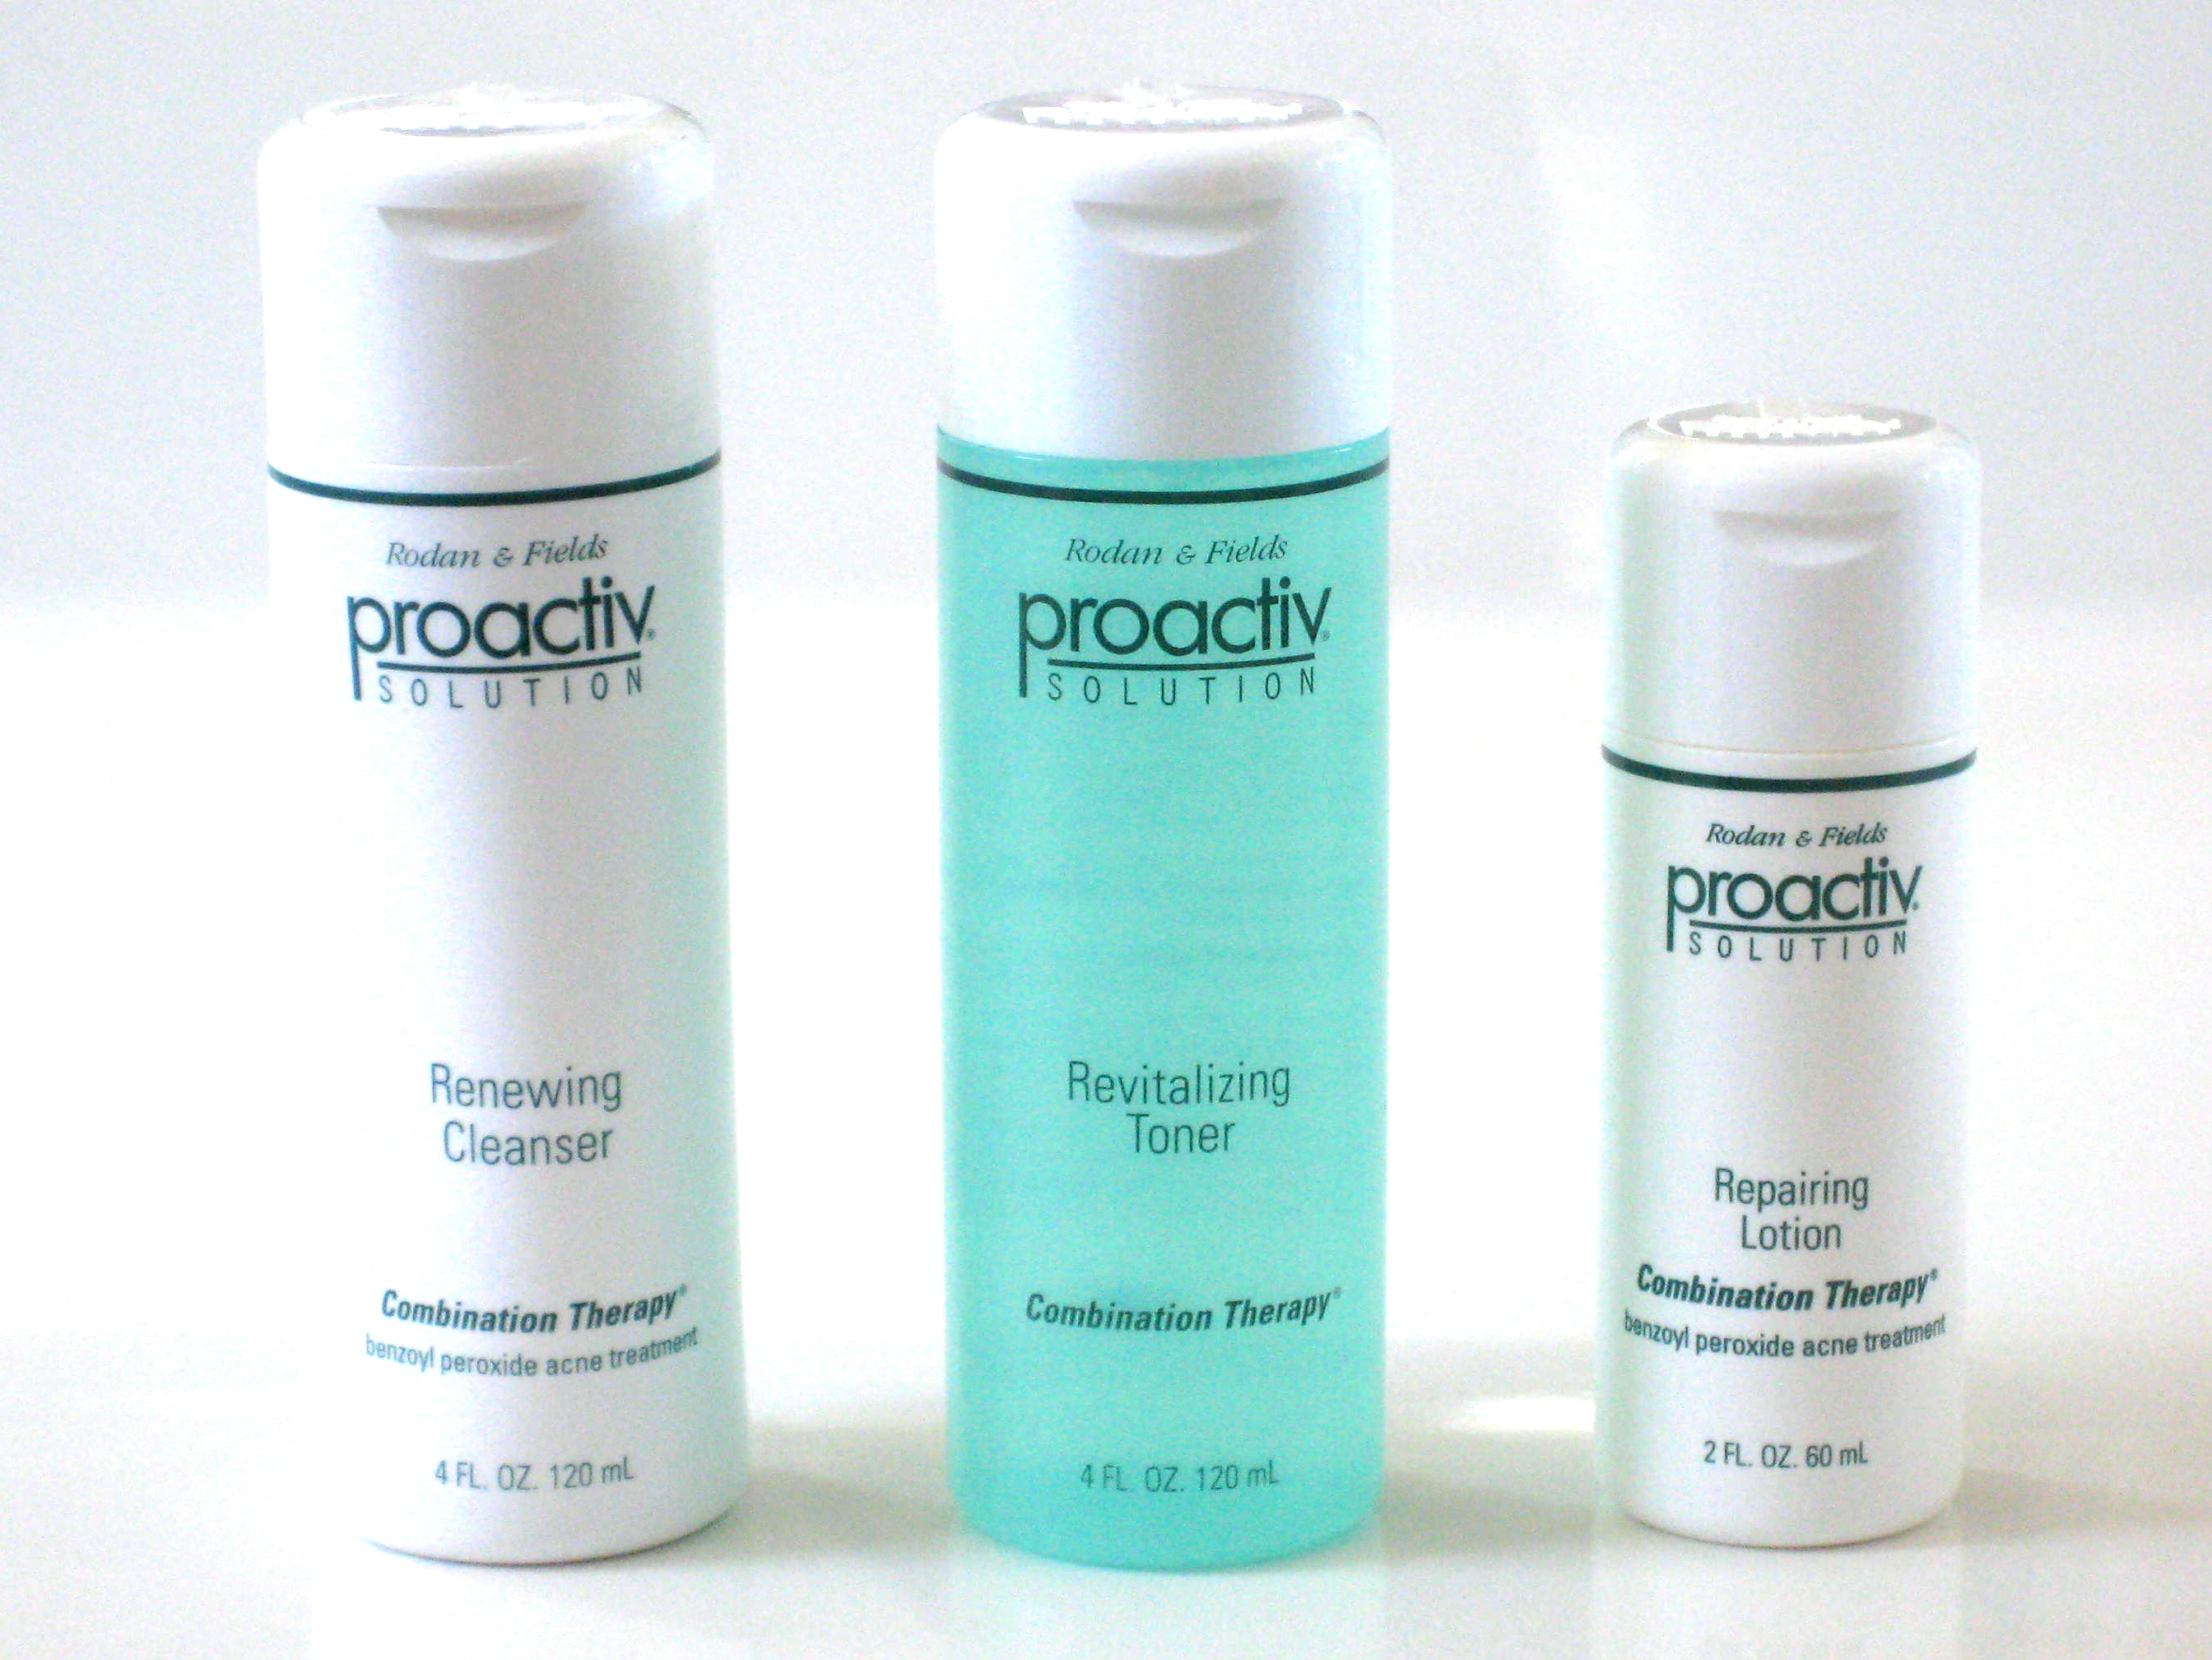 Proactiv Acne Medicine